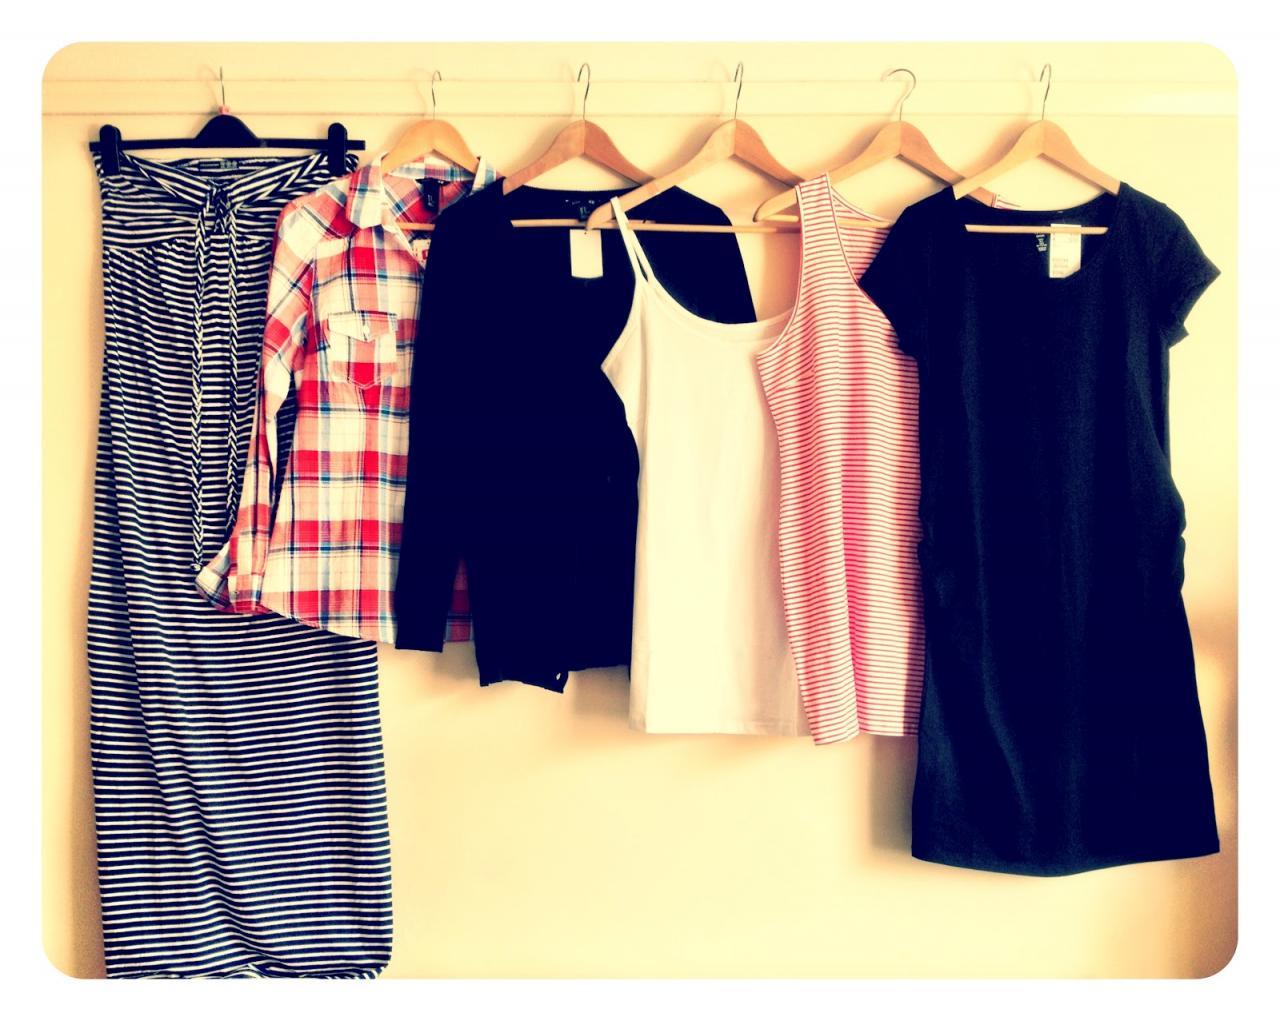 صور تفسير رؤية الملابس الجديدة في المنام , مفاجات عند رؤية الملابس فى المنام